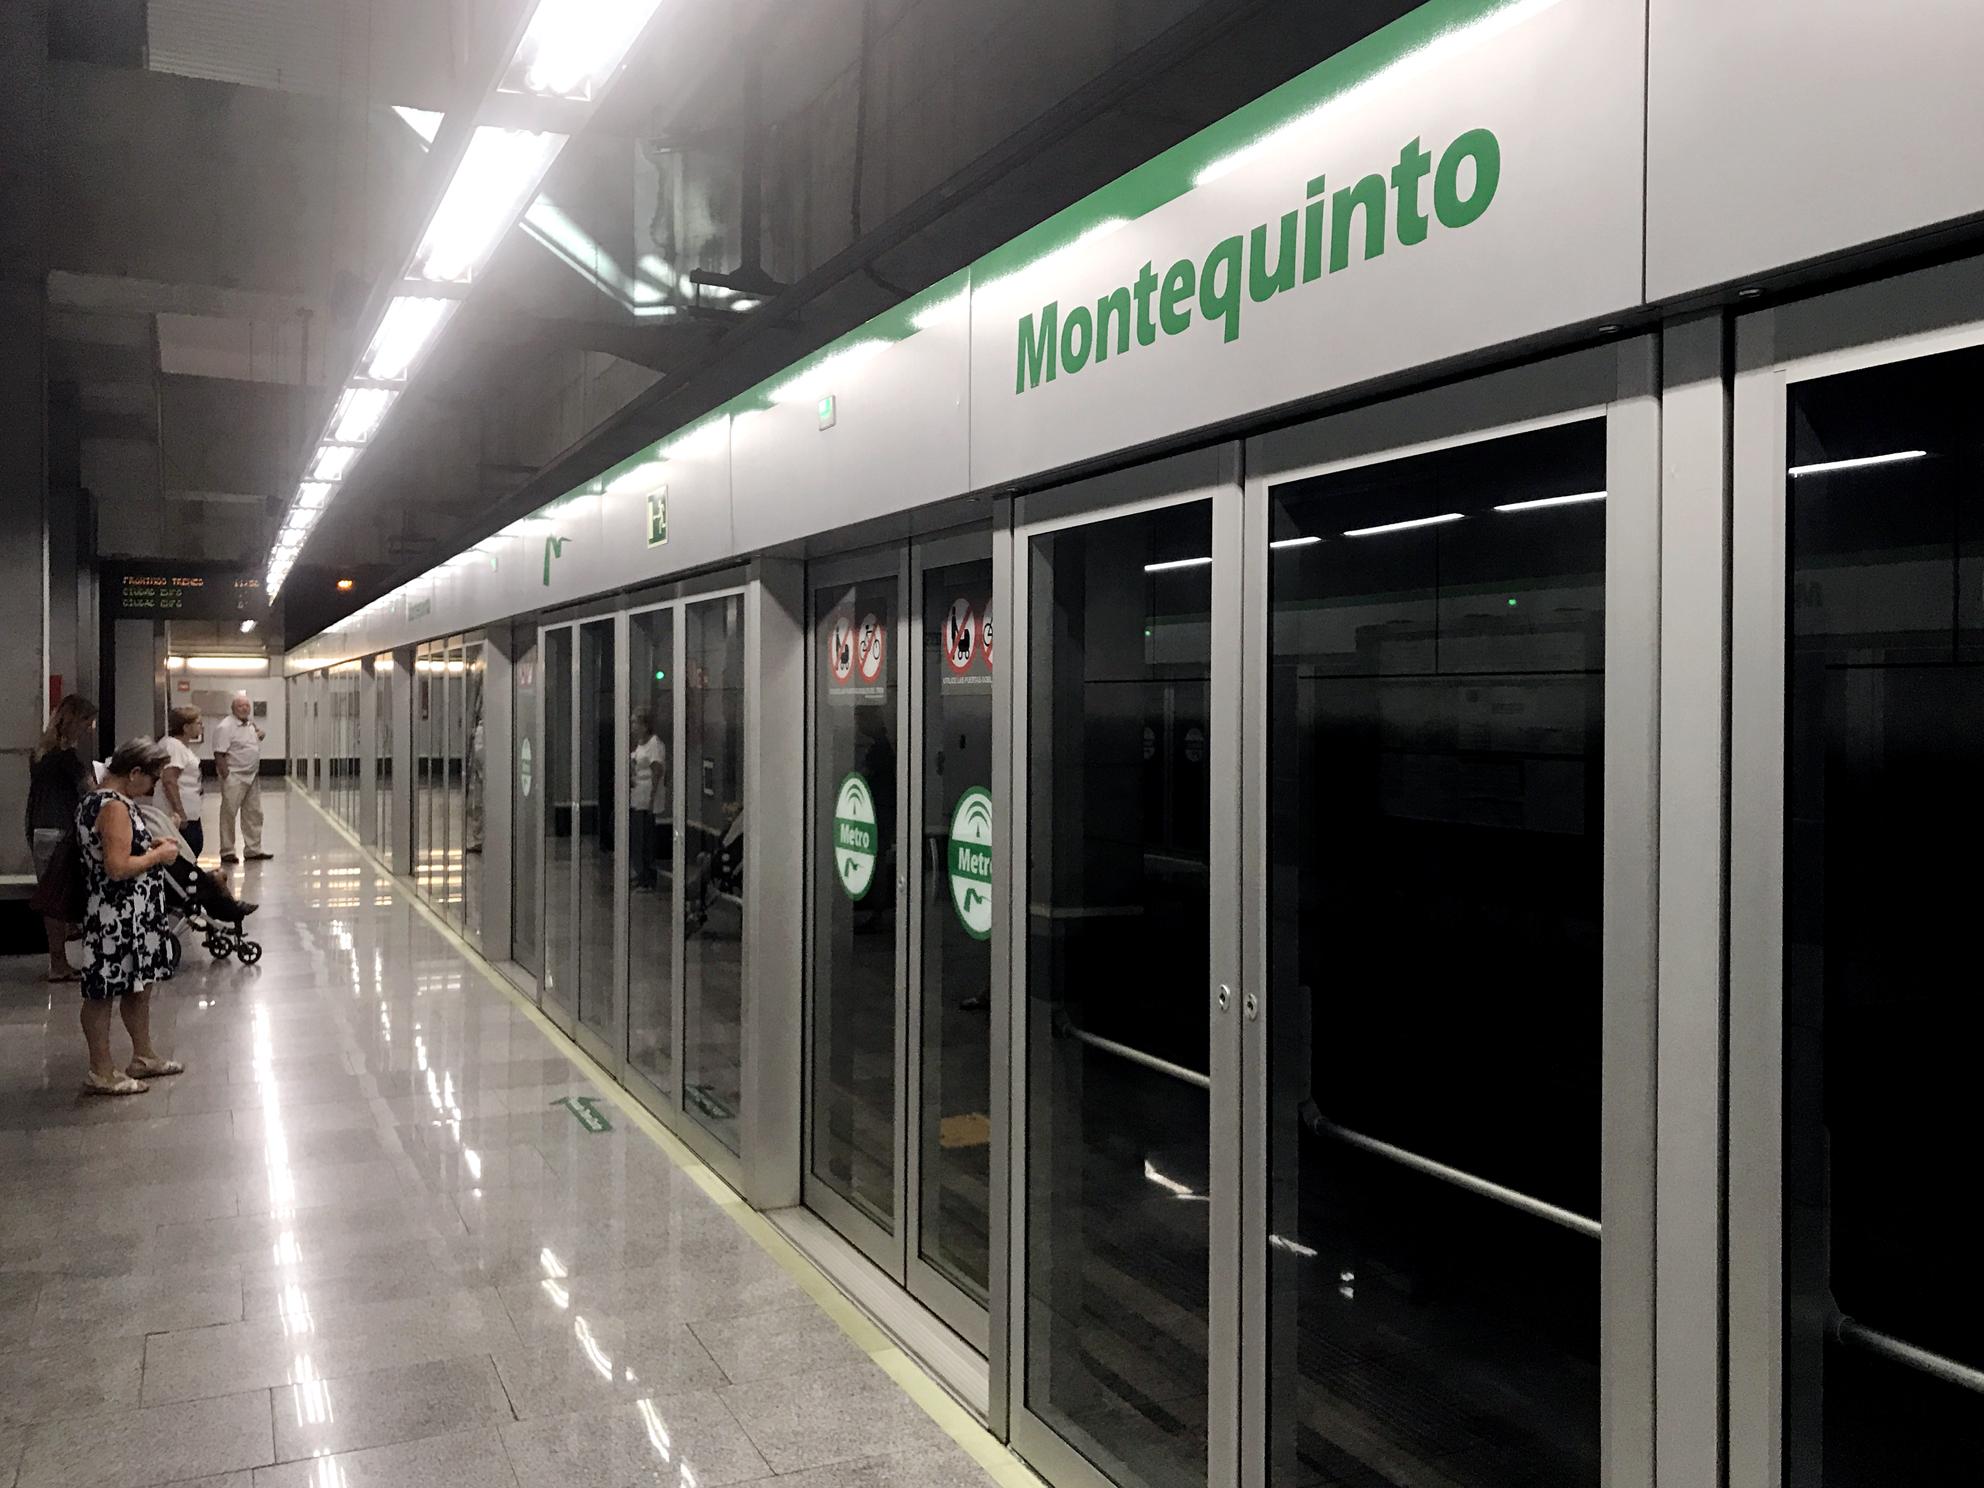 Usuarios en la estación de Montequinto esperando el tren hoy en el andén.